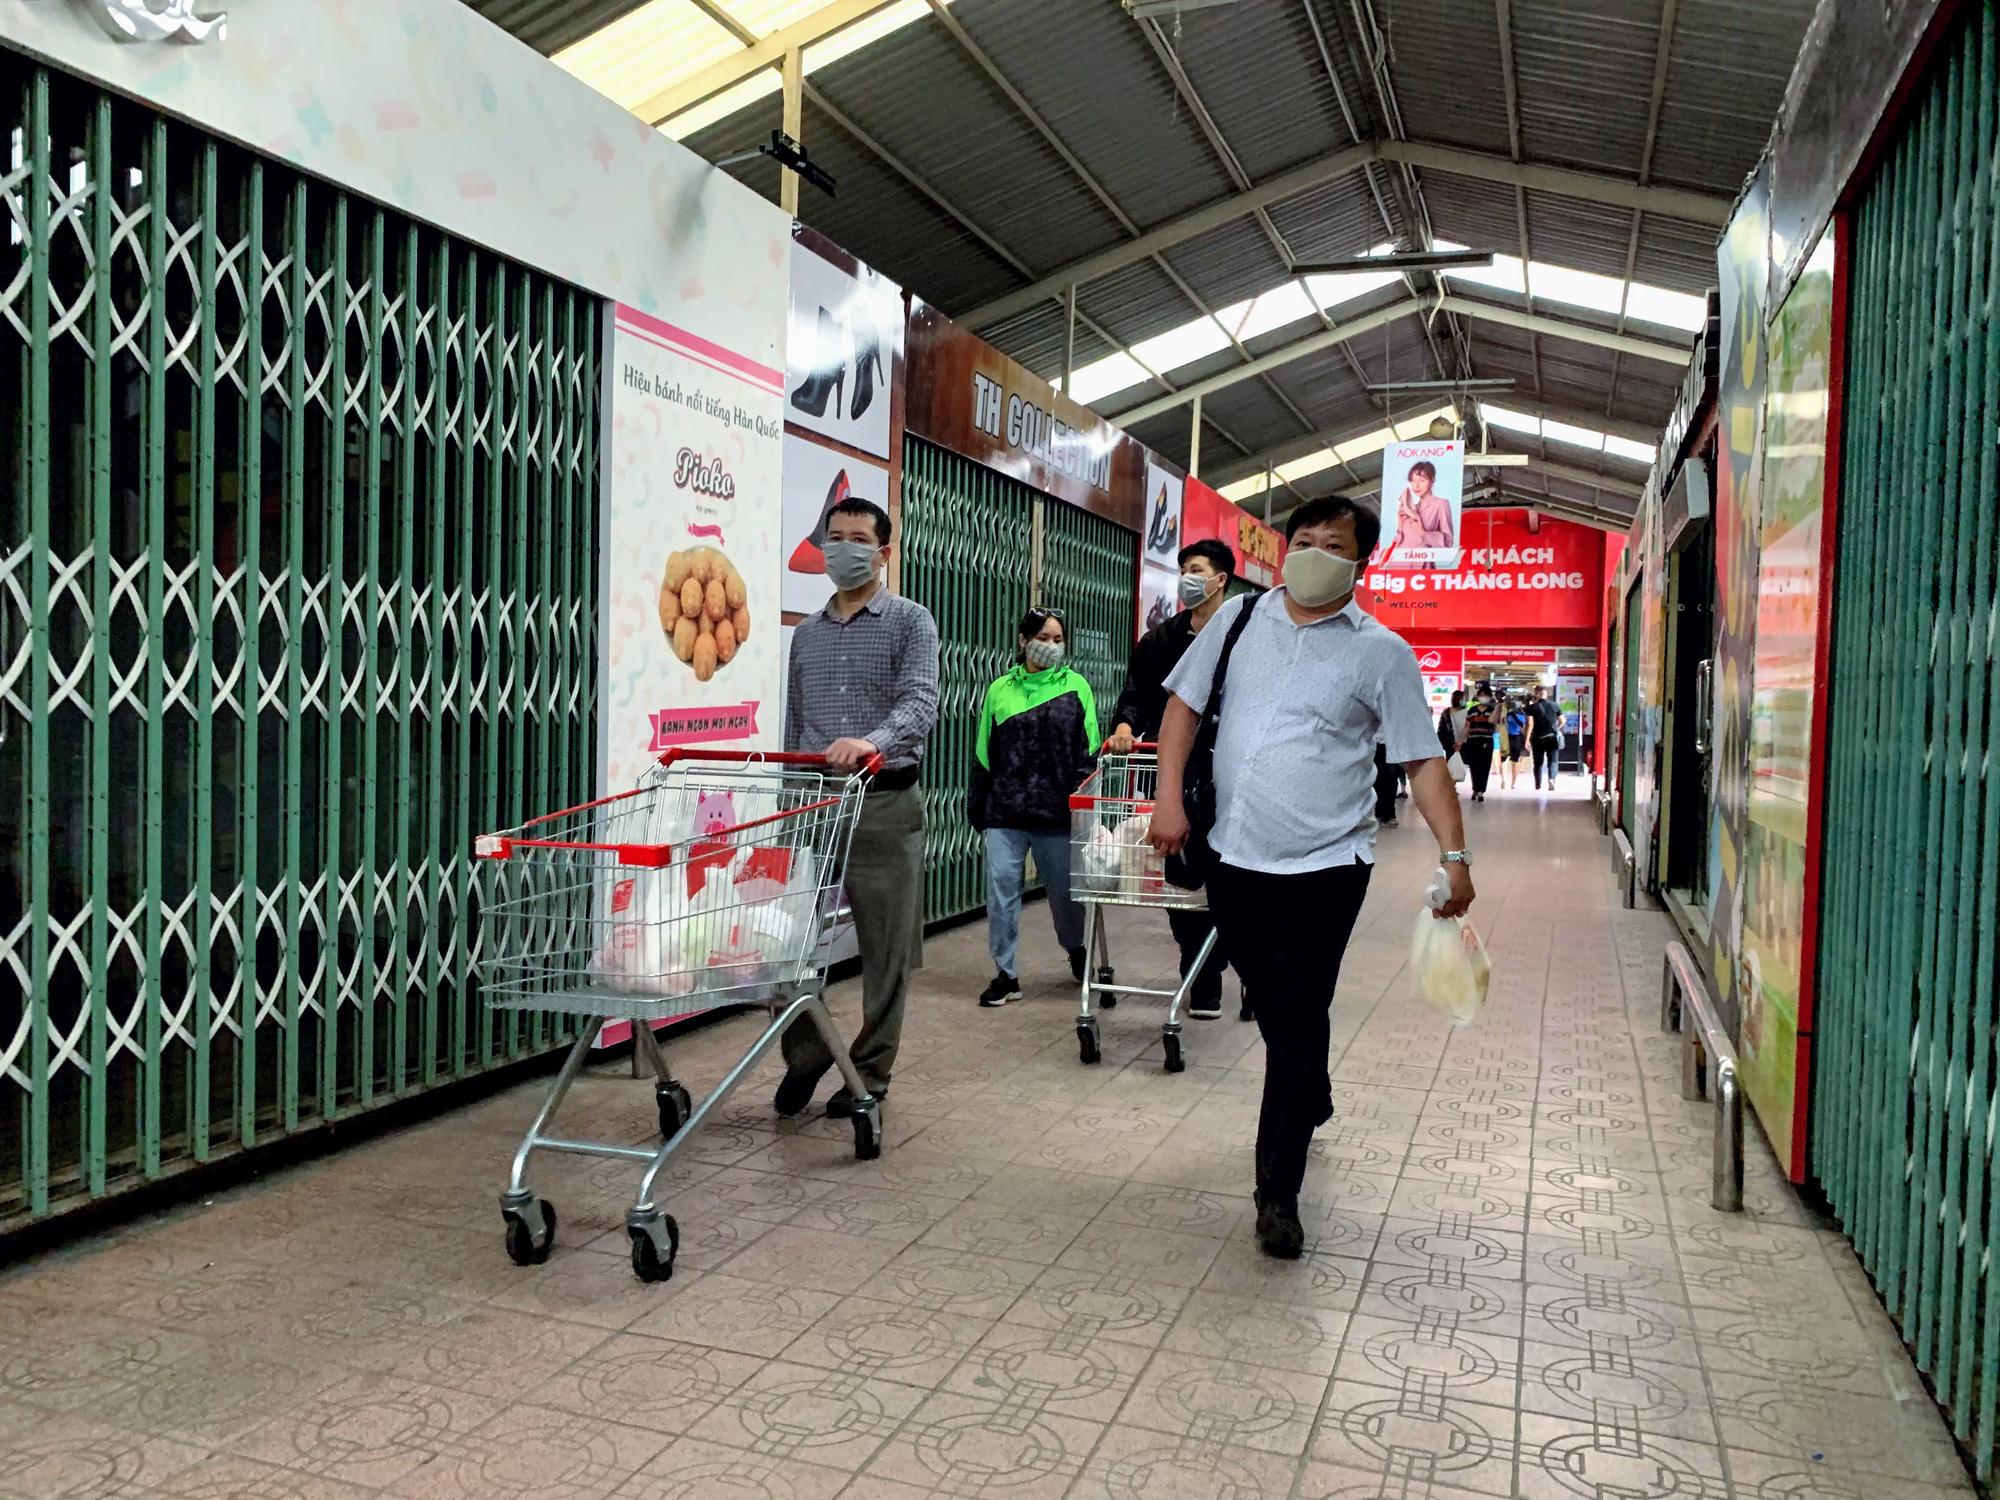 Cận cảnh ngày đầu chống dịch ở Hà Nội: Các cơ sở dịch vụ đóng cửa, siêu thị tiếp tục hoạt động, hàng hoá đầy ăm ắp vắng người mua - Ảnh 18.